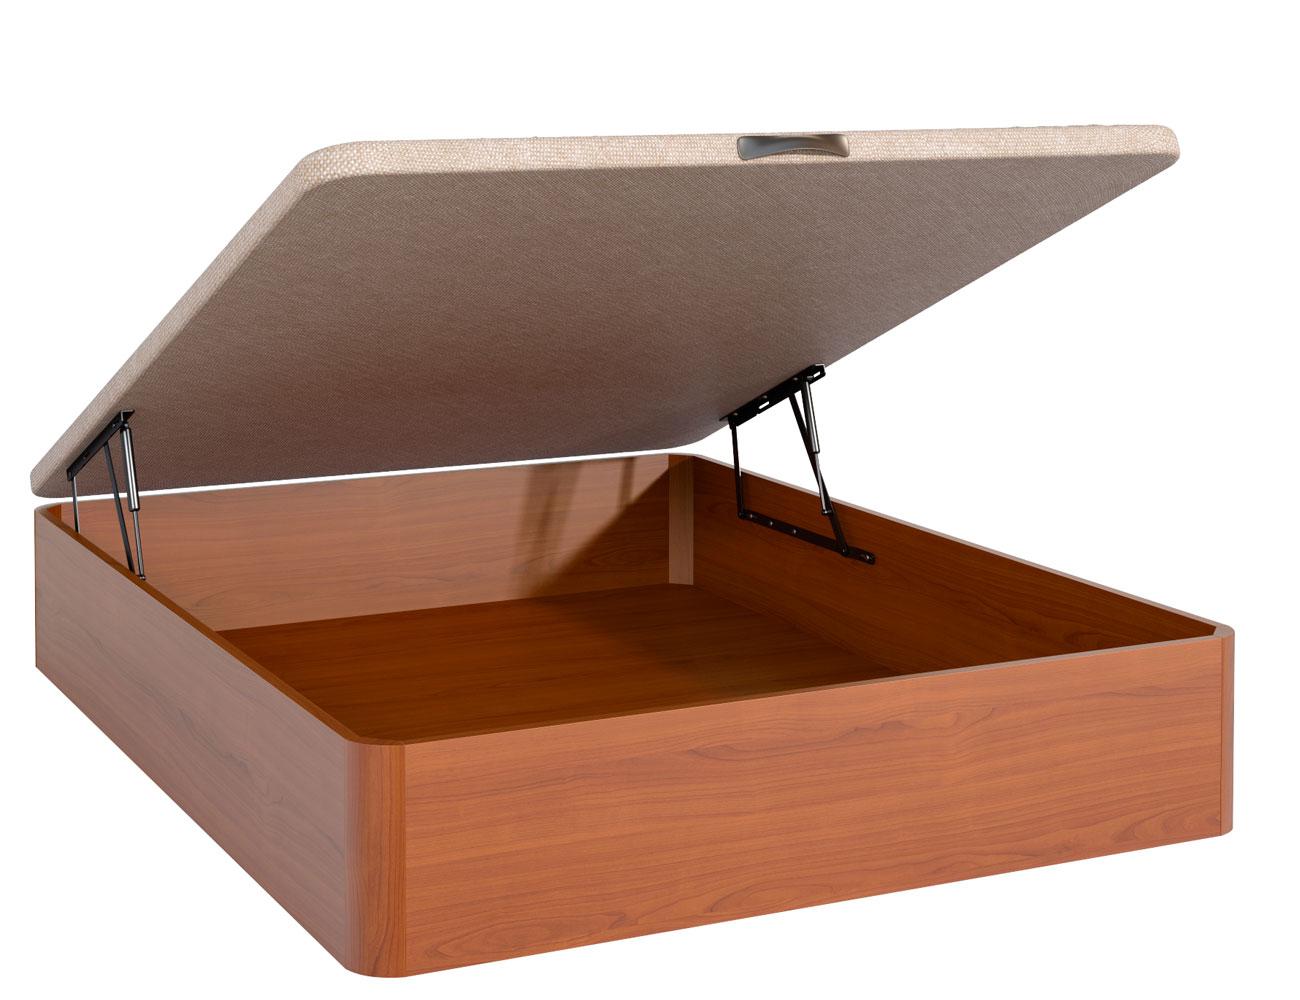 Canape madera nogal tapa 3d barato ebro abierto4